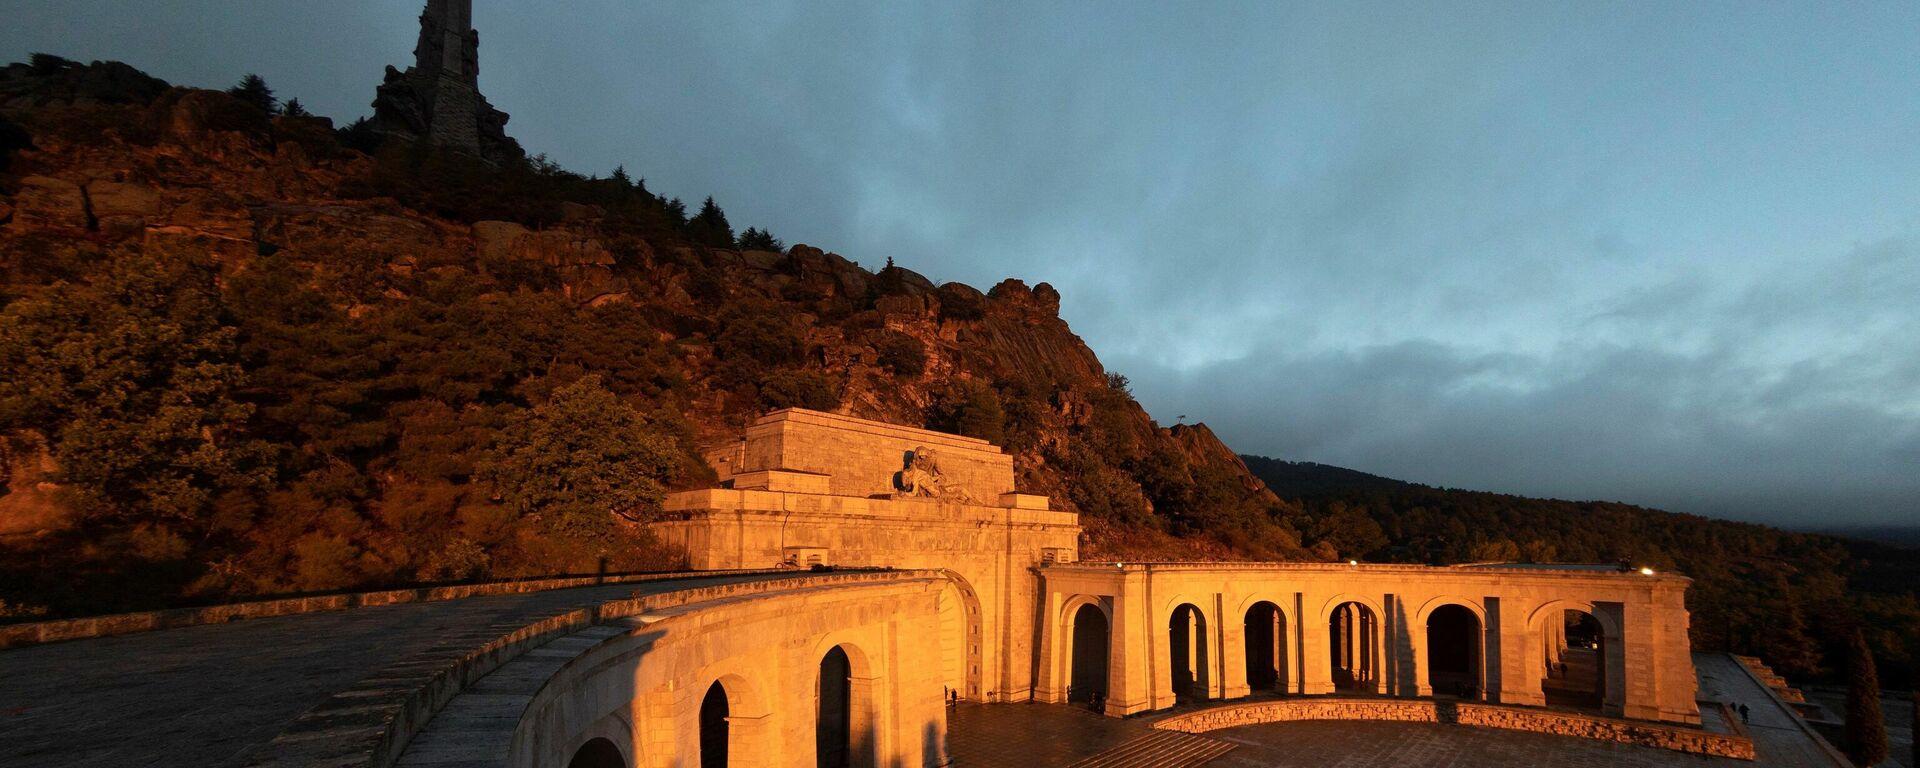 Valle de los Caídos  - Sputnik Mundo, 1920, 21.05.2021